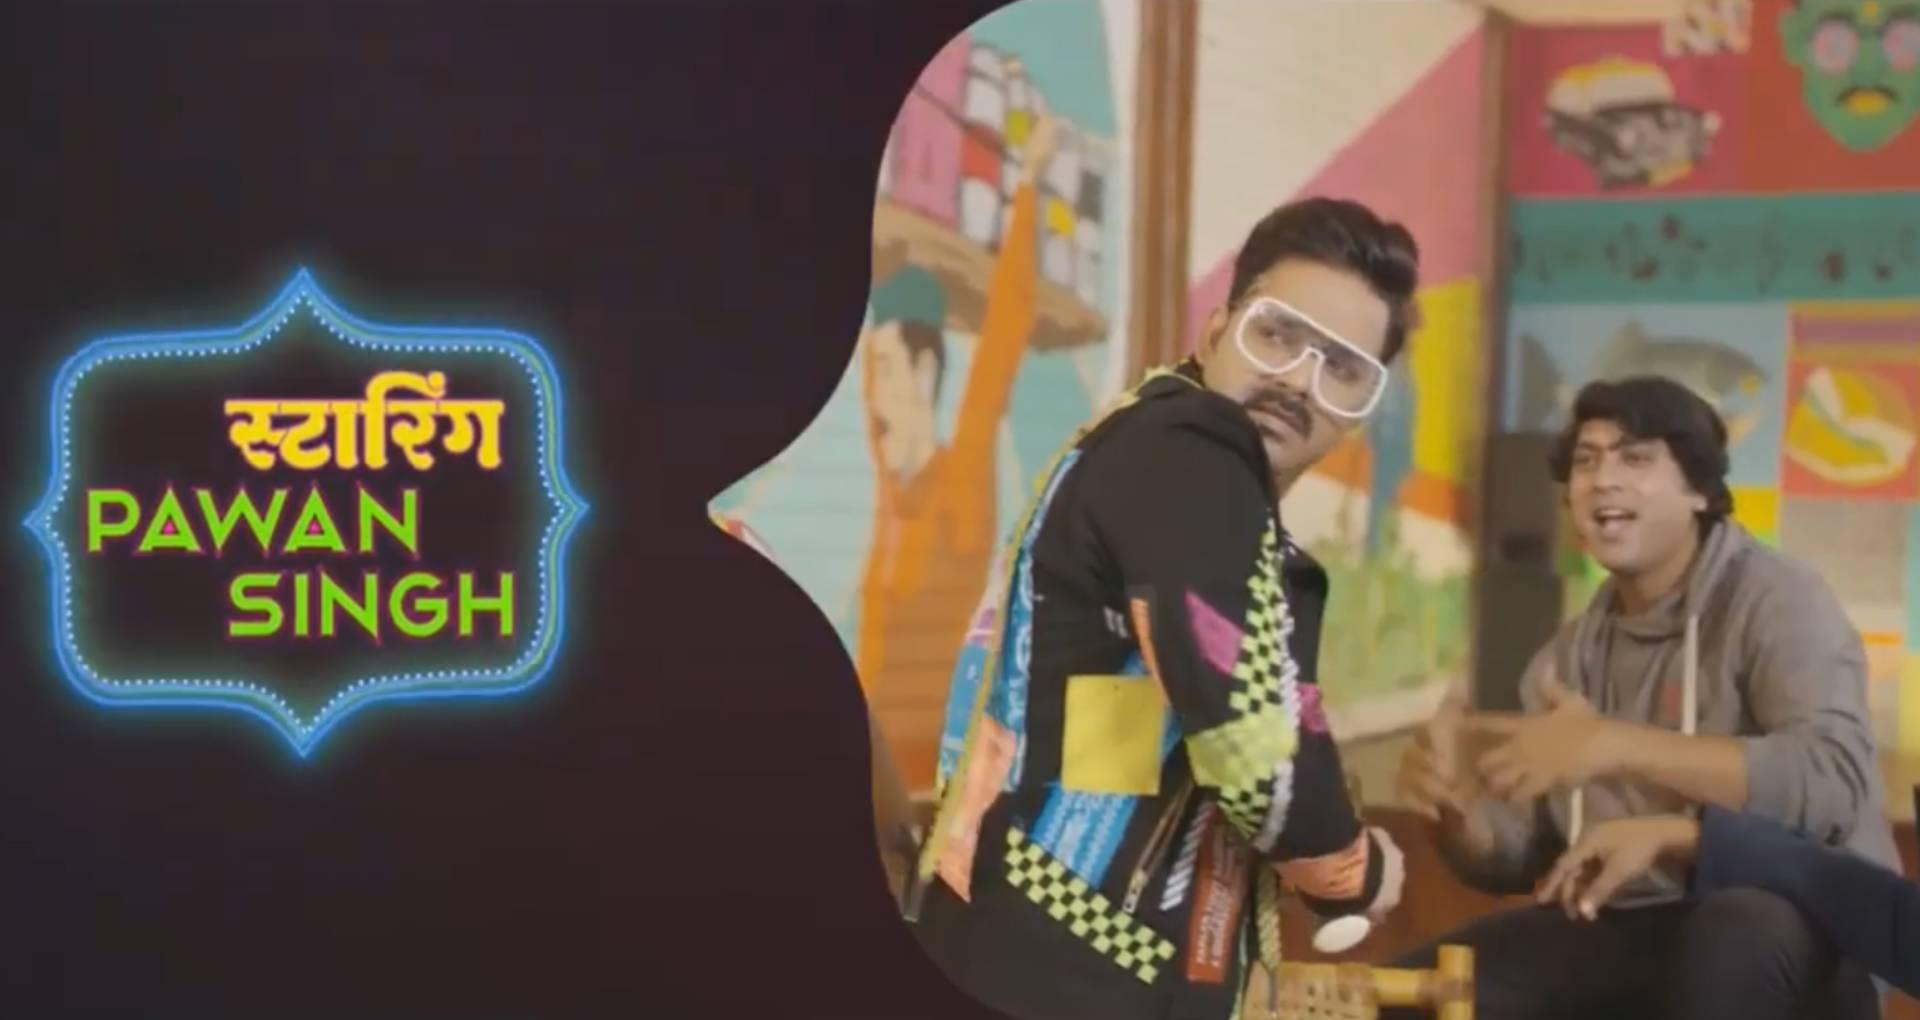 पवन सिंह के पहले भोजपुरी पॉप सॉन्ग का टीजर लॉन्च, एक्ट्रेस ख्याती शर्मा के साथ डांस करते दिखेंगे सिंगर